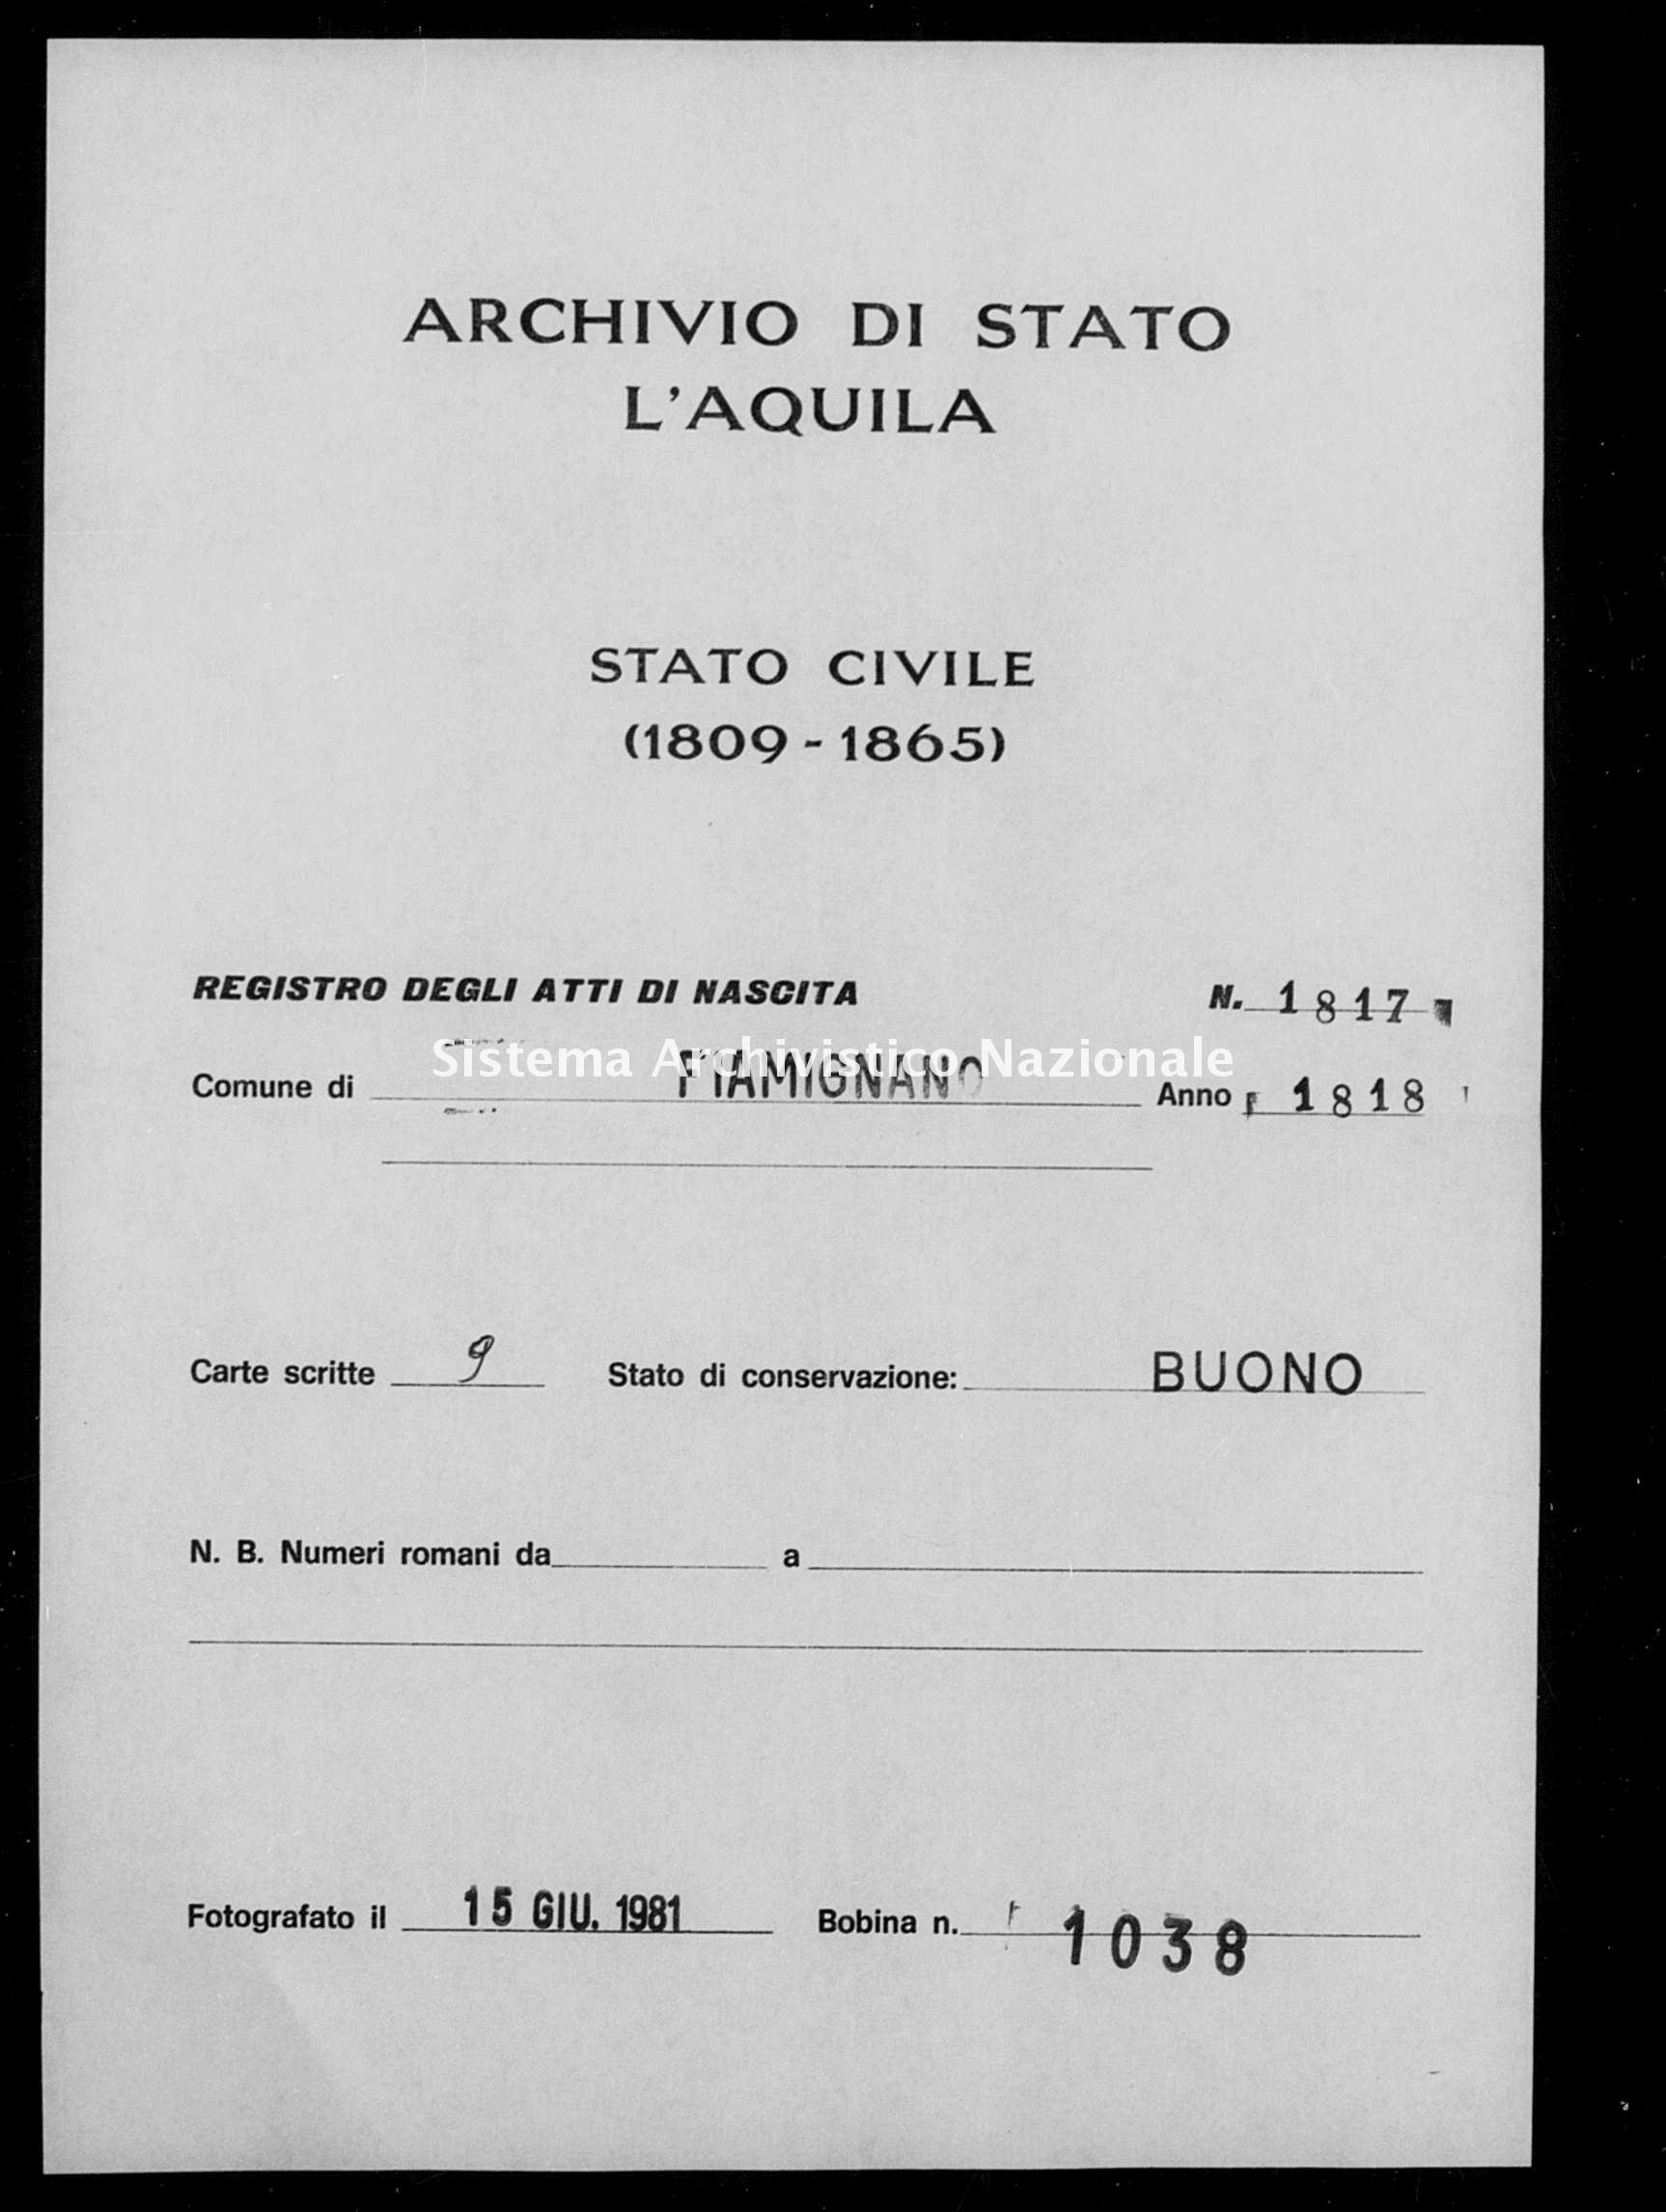 Archivio di stato di L'aquila - Stato civile della restaurazione - Fiamignano - Nati - 1818 - 1817 -